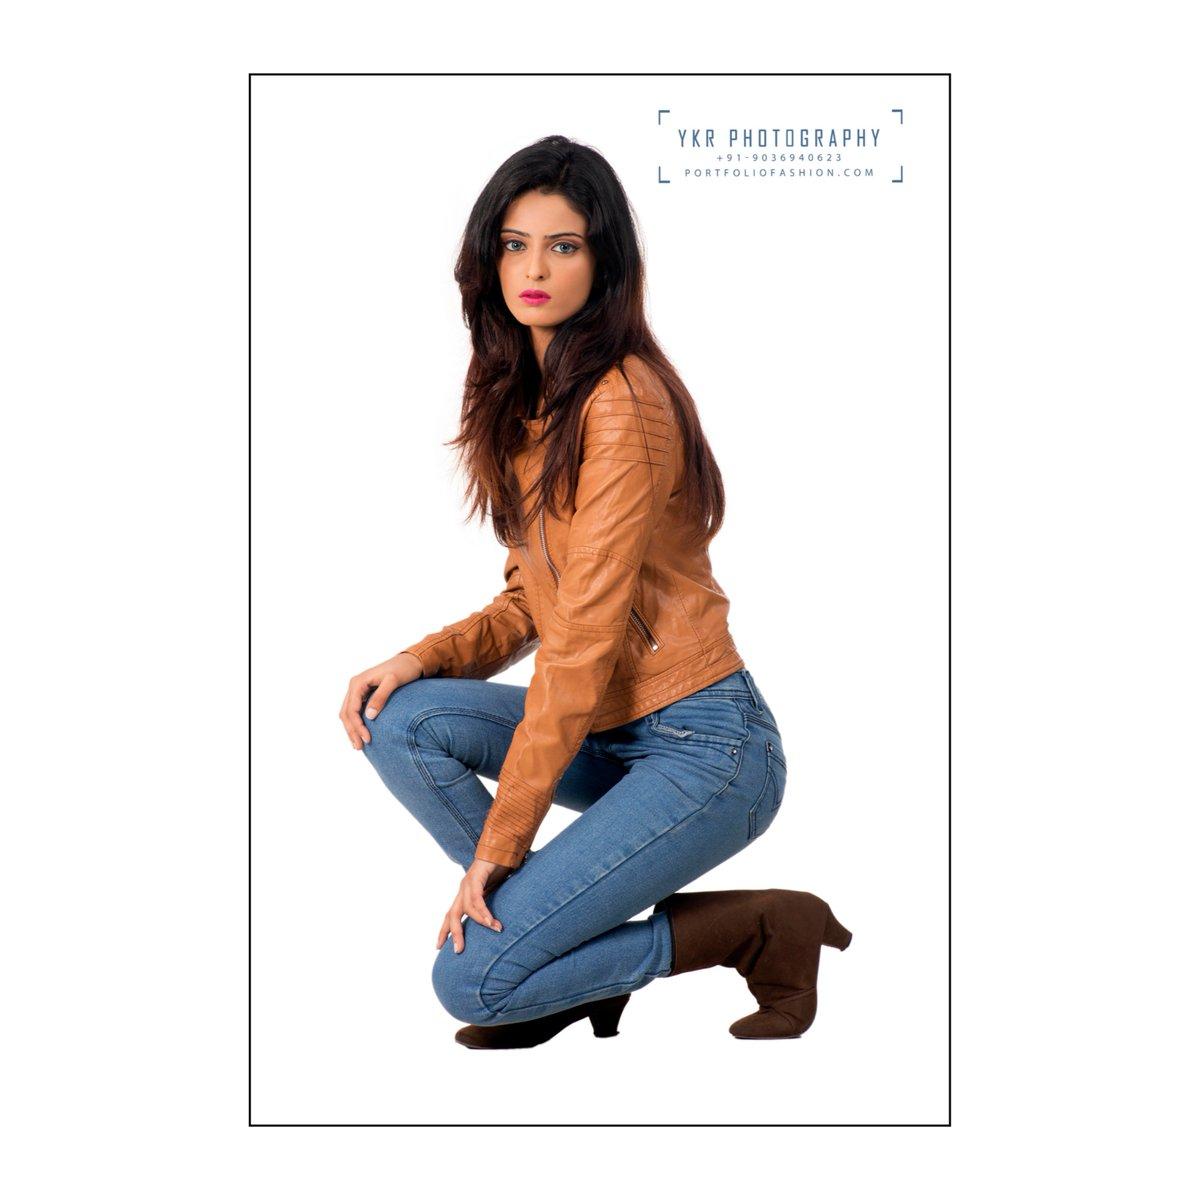 #ykr #ykrphotography #modelingshoot #model_potrait #modelingagencies #modellingphotography #models #bangaloremodel #bangalorephotgrapher #potraitmood #potraitmaking #grace #style #femalemodel #femalemodelbangalore #bangaloreimages #photography #photoshoot #photographer...pic.twitter.com/xTSlVBYHgZ